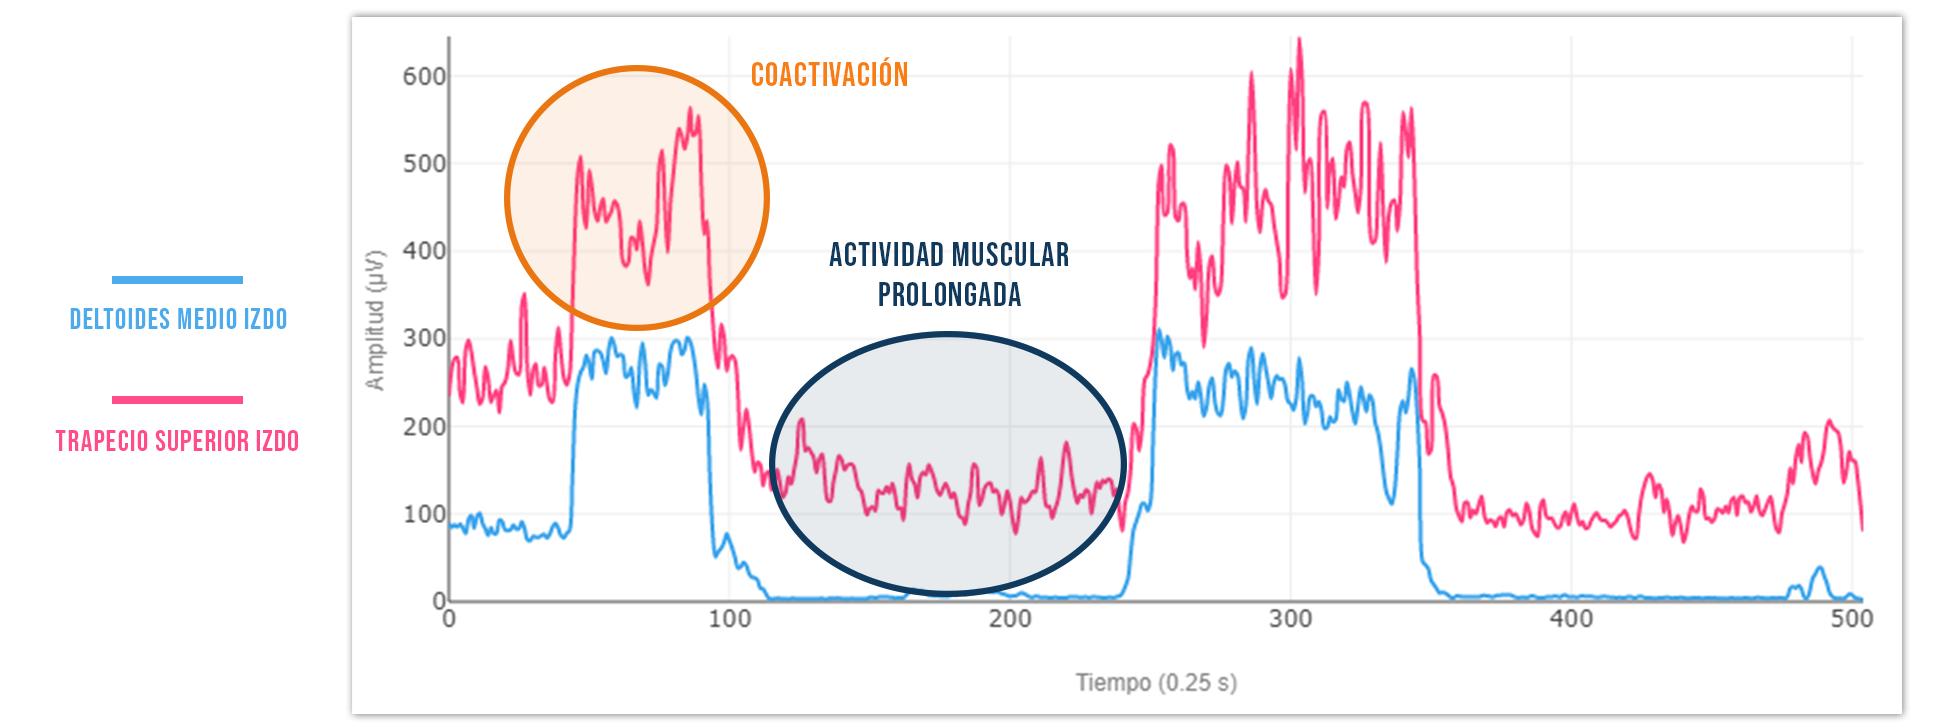 puntos gatillo coactivación muscular